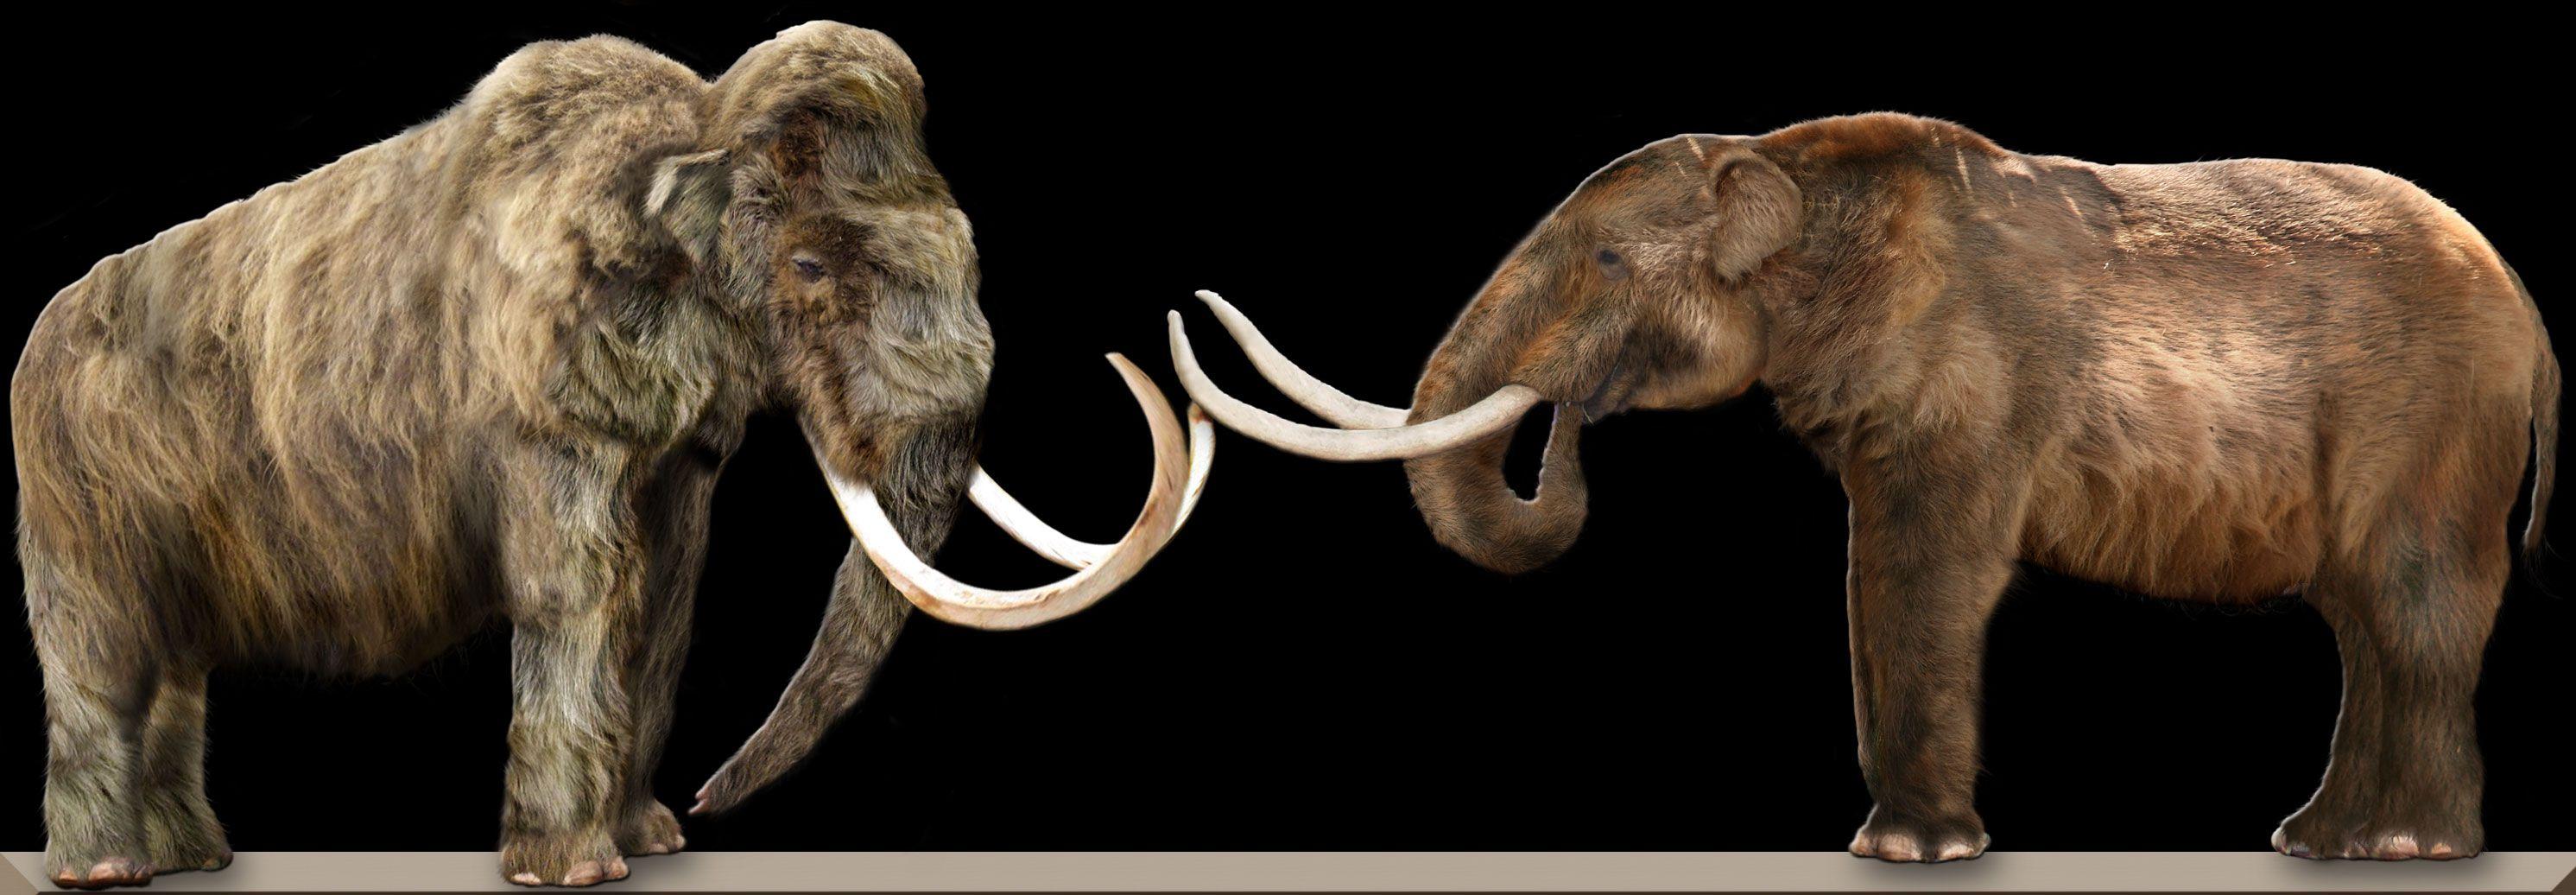 الماموث هو نوع من الثدييات الضخمة والتابعة لنظام الفيليات